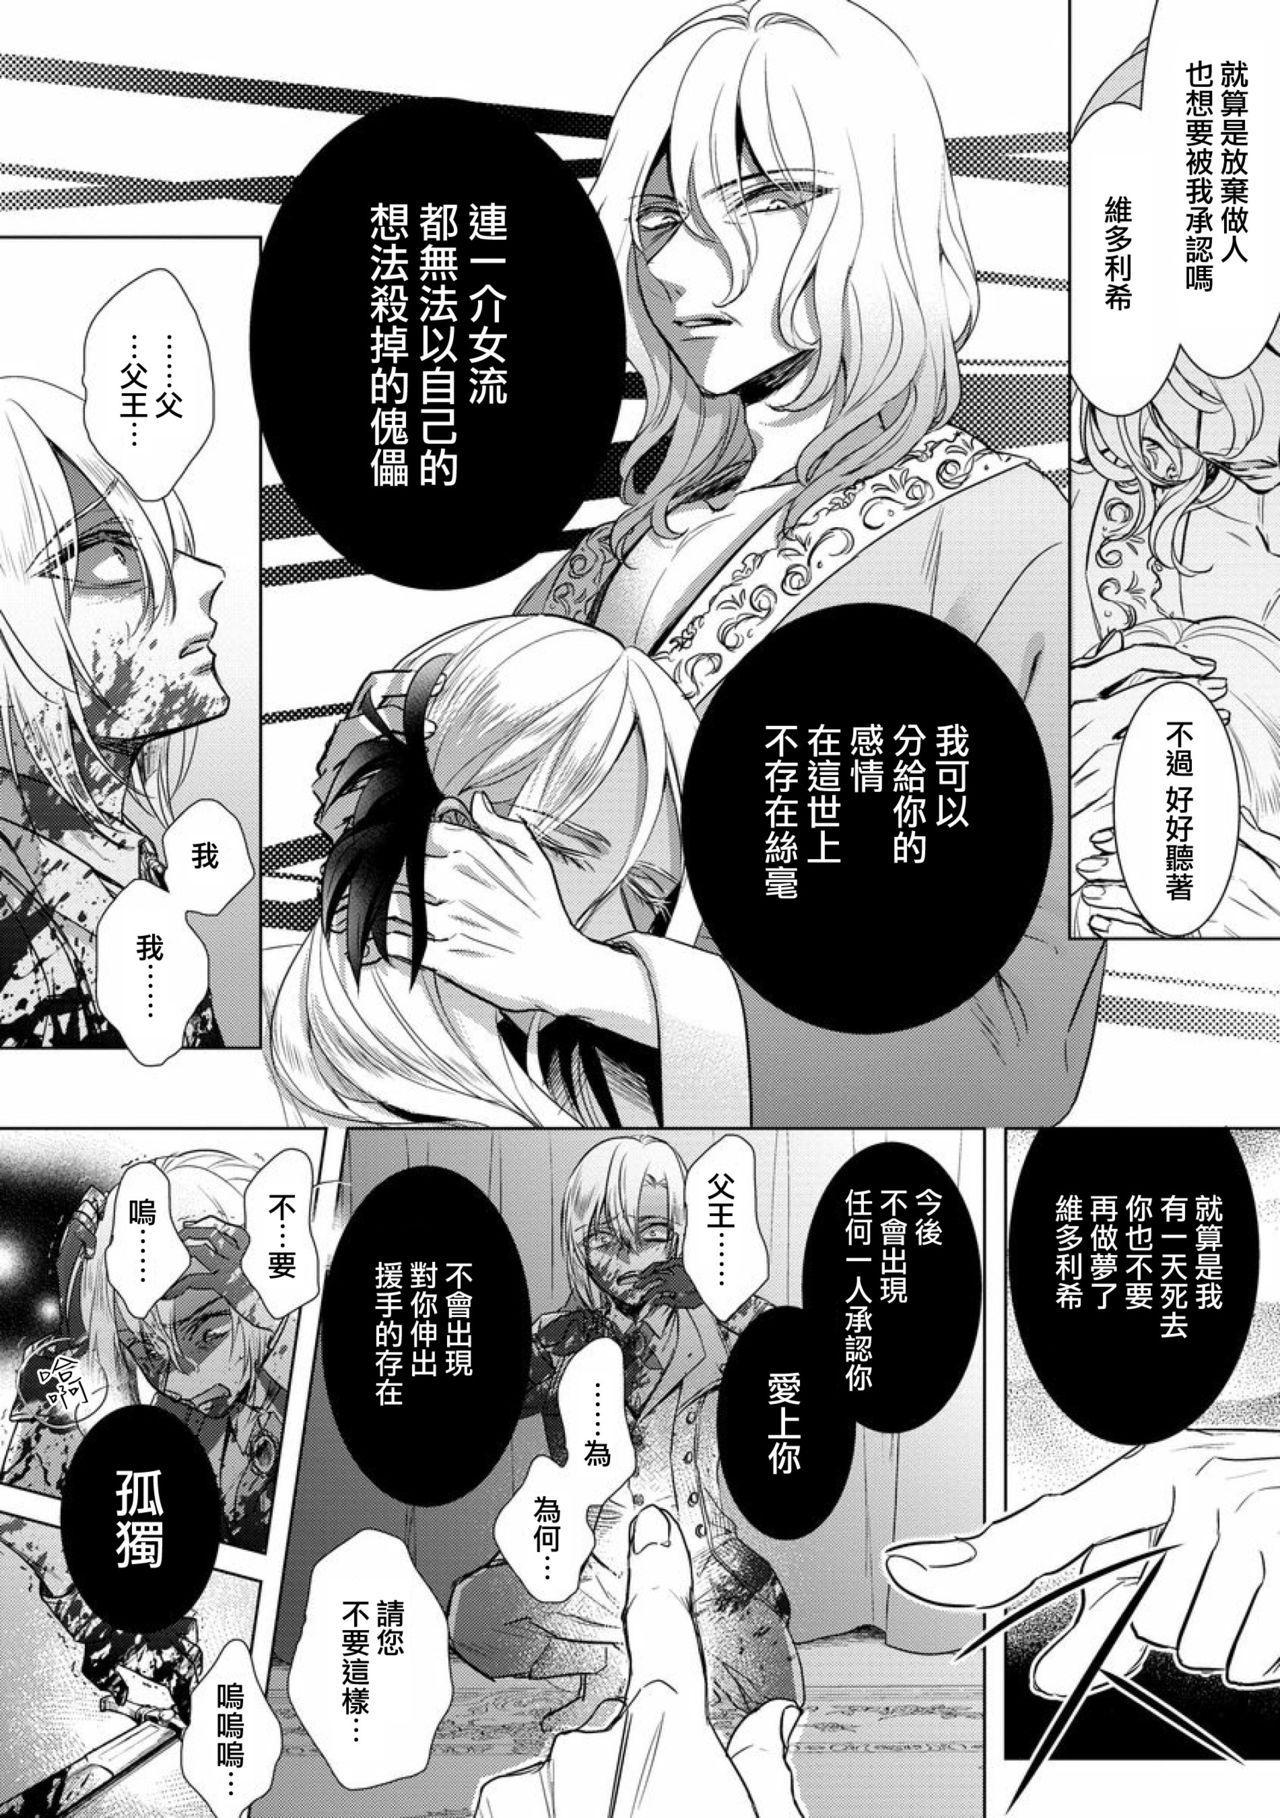 [Saotome Mokono] Kyououji no Ibitsu na Shuuai ~Nyotaika Knight no Totsukitooka~ Ch. 12 [Chinese] [瑞树汉化组] [Digital] 17